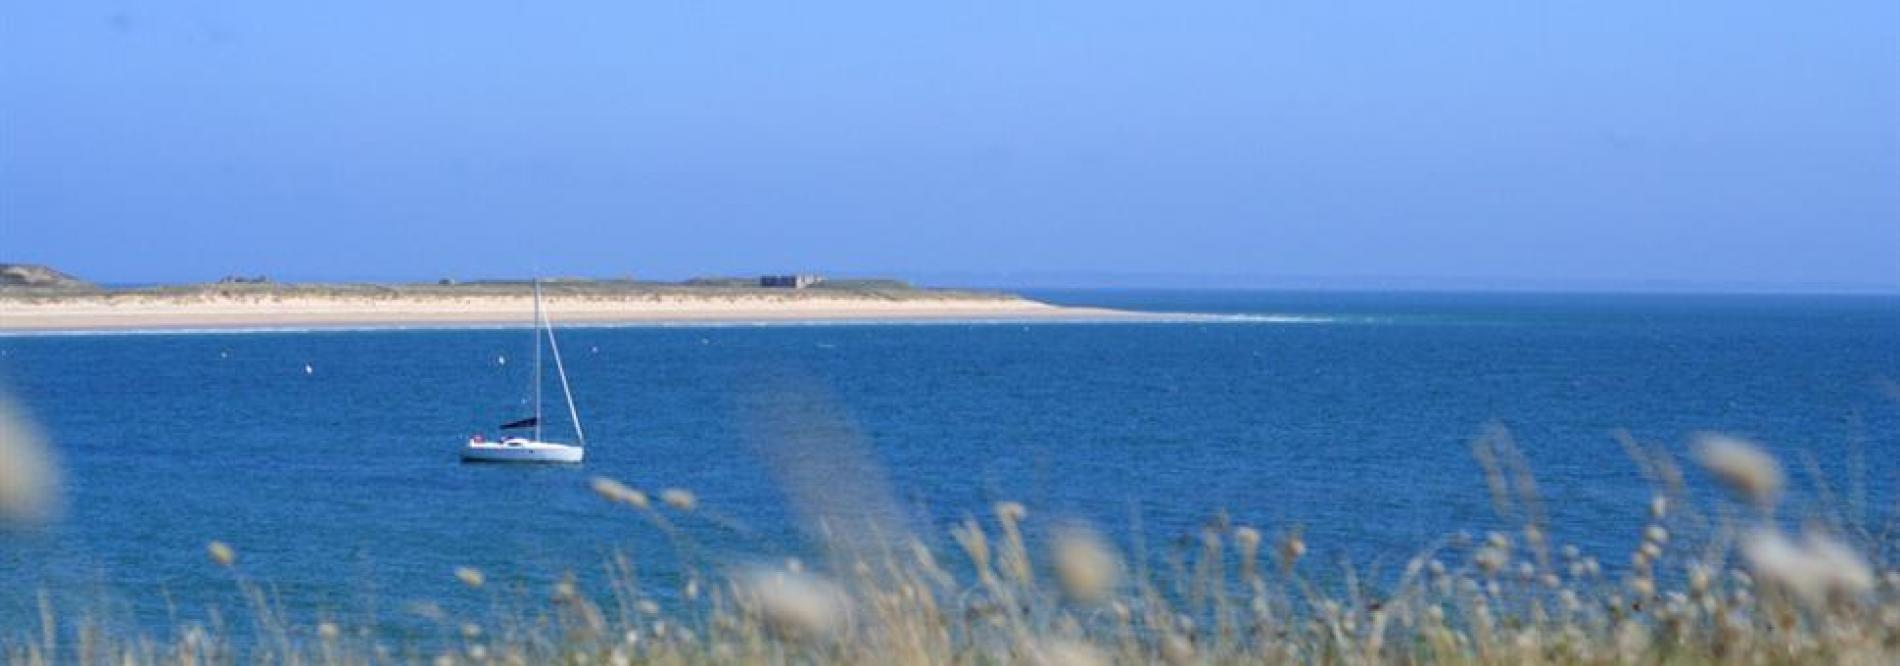 Croisière vers l'Ile de Groix